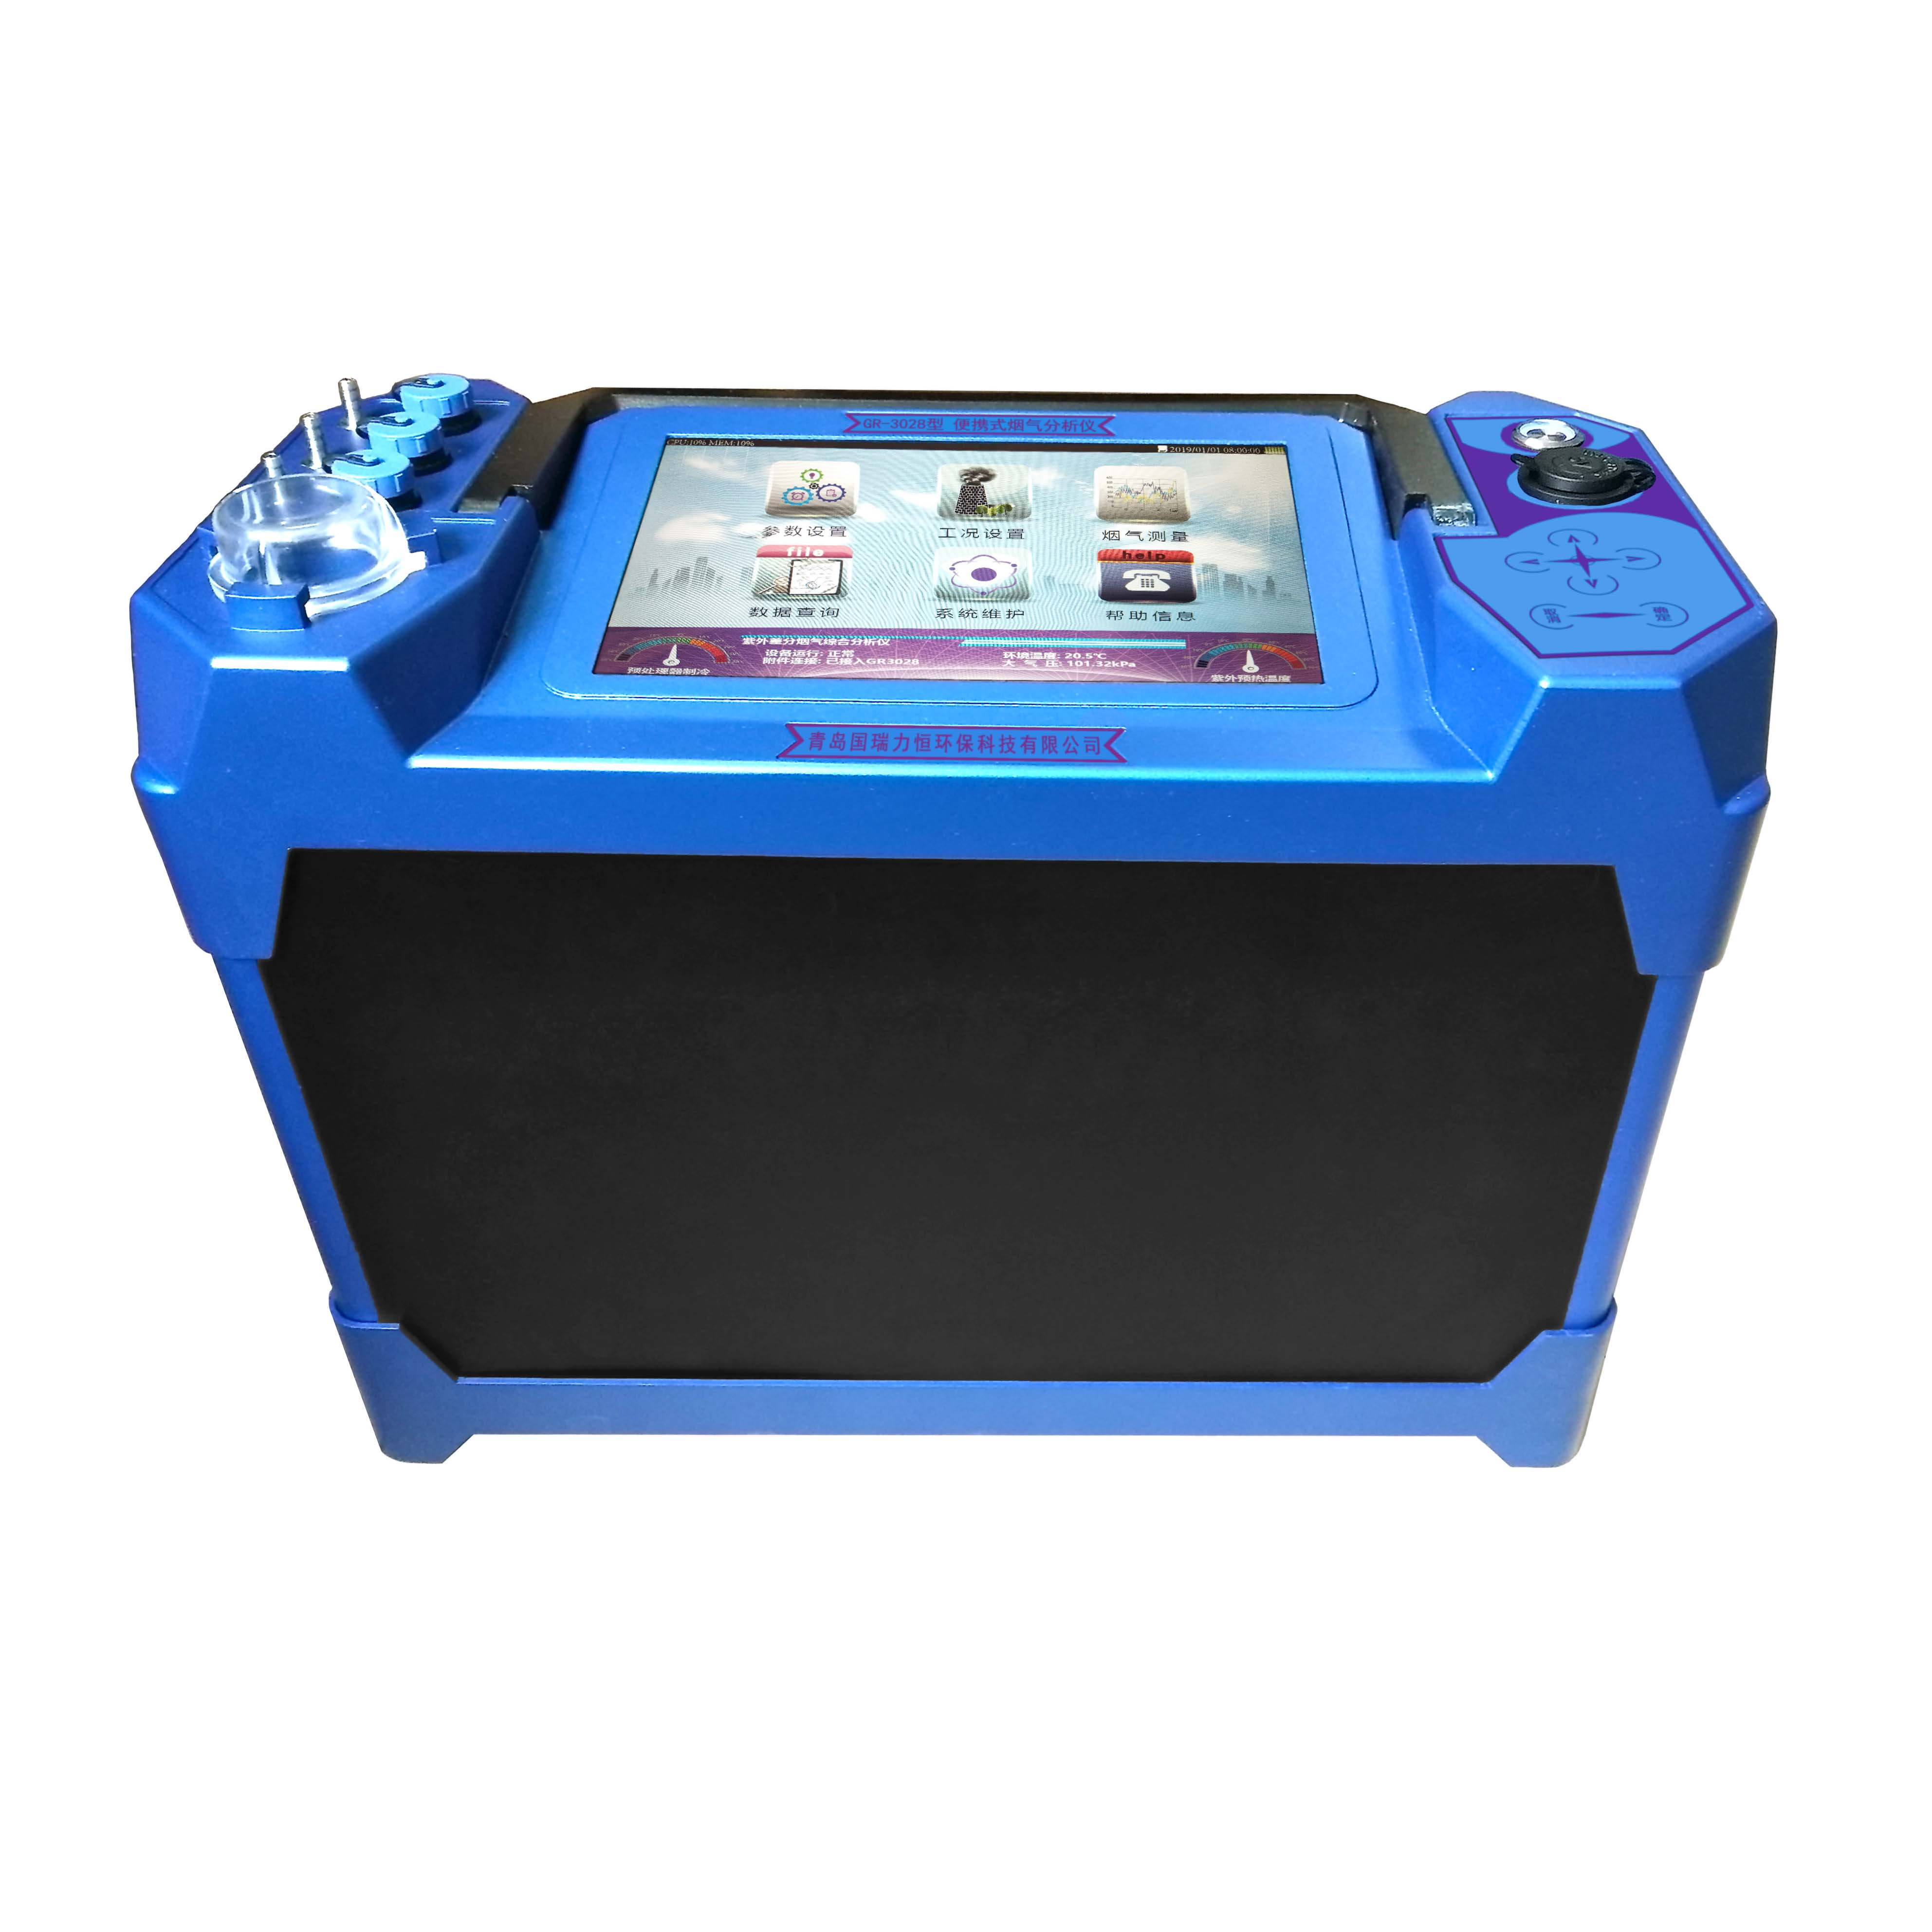 国瑞力恒发布 GR-3028型紫外差分烟气综合分析仪